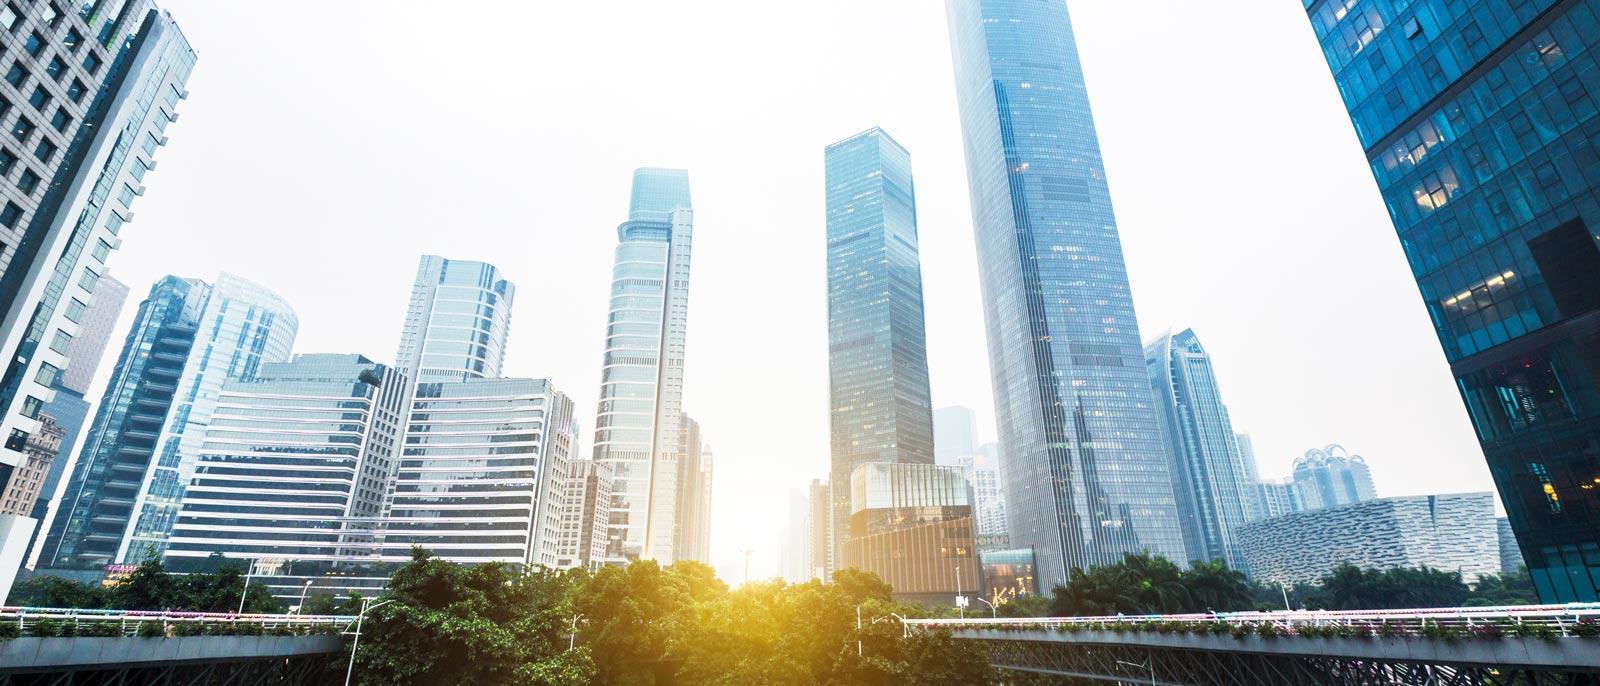 Bất động sản phía Tây Thủ đô: Điểm sáng trong đầu tư  - Ảnh 1